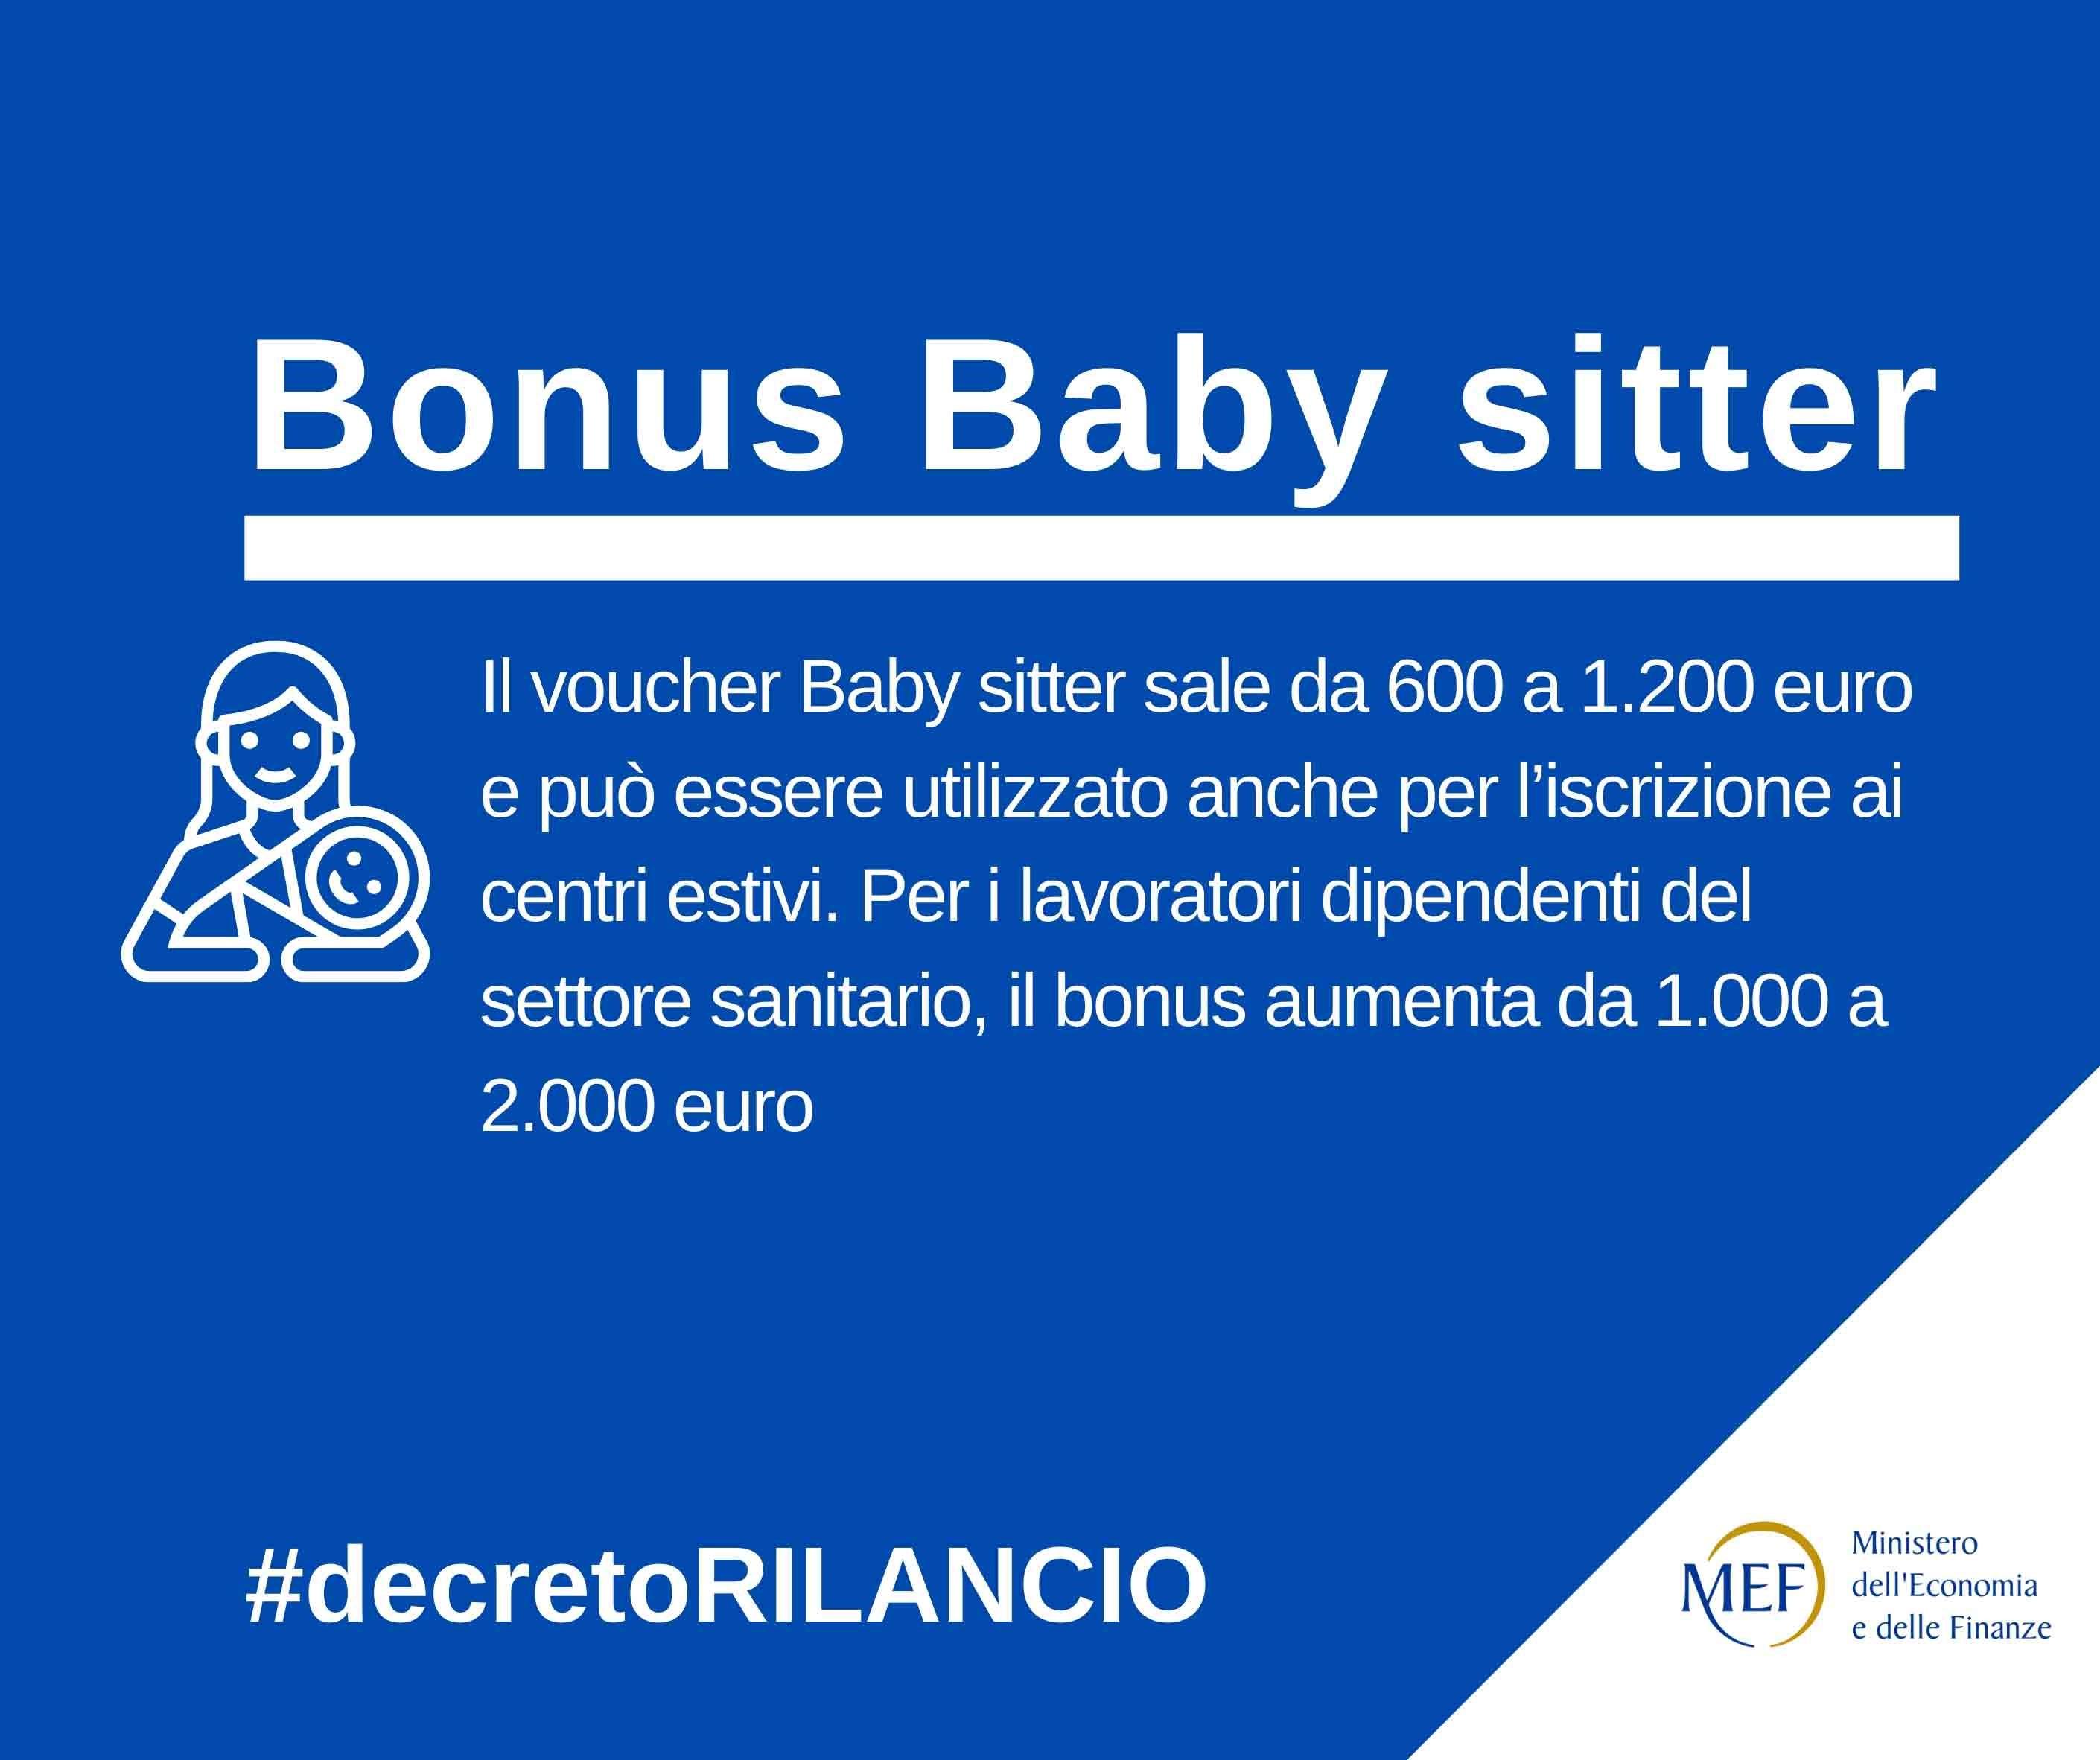 DECRETO RILANCIO: i principali interventi a favore delle famiglie e dei consumatori – Il Bonus Baby Sitter